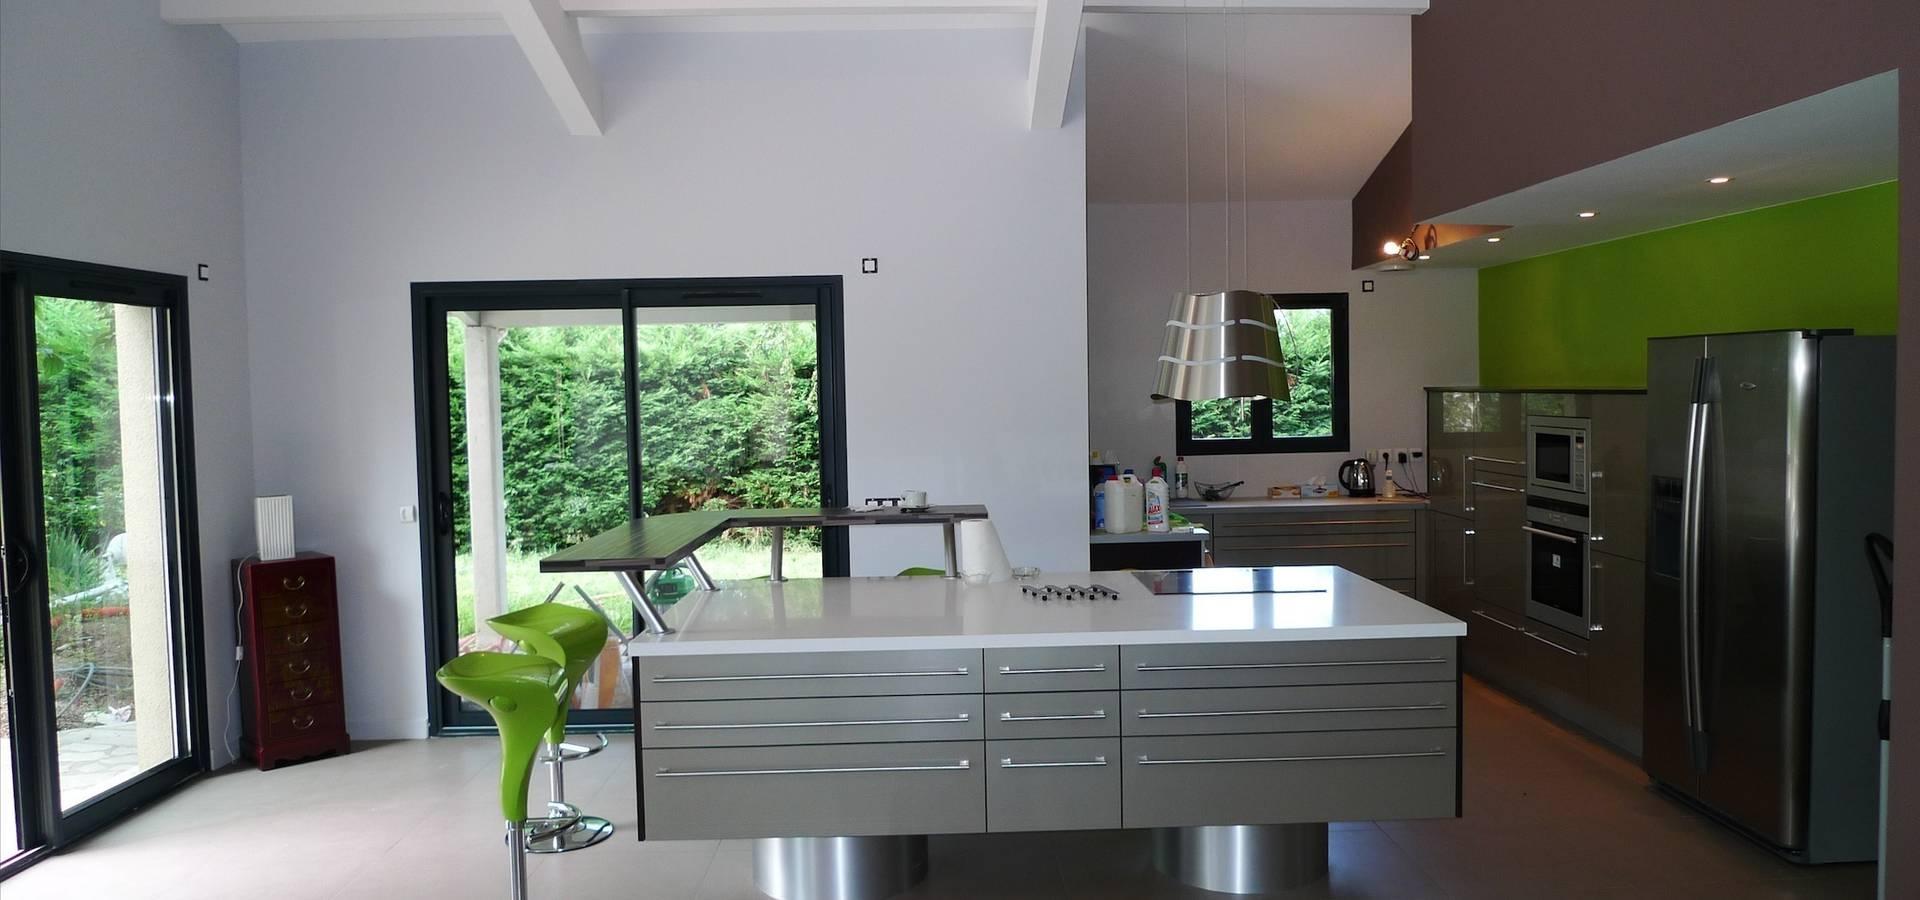 rodolphe boisson rb concept architectes d 39 int rieur saint etienne sur homify. Black Bedroom Furniture Sets. Home Design Ideas